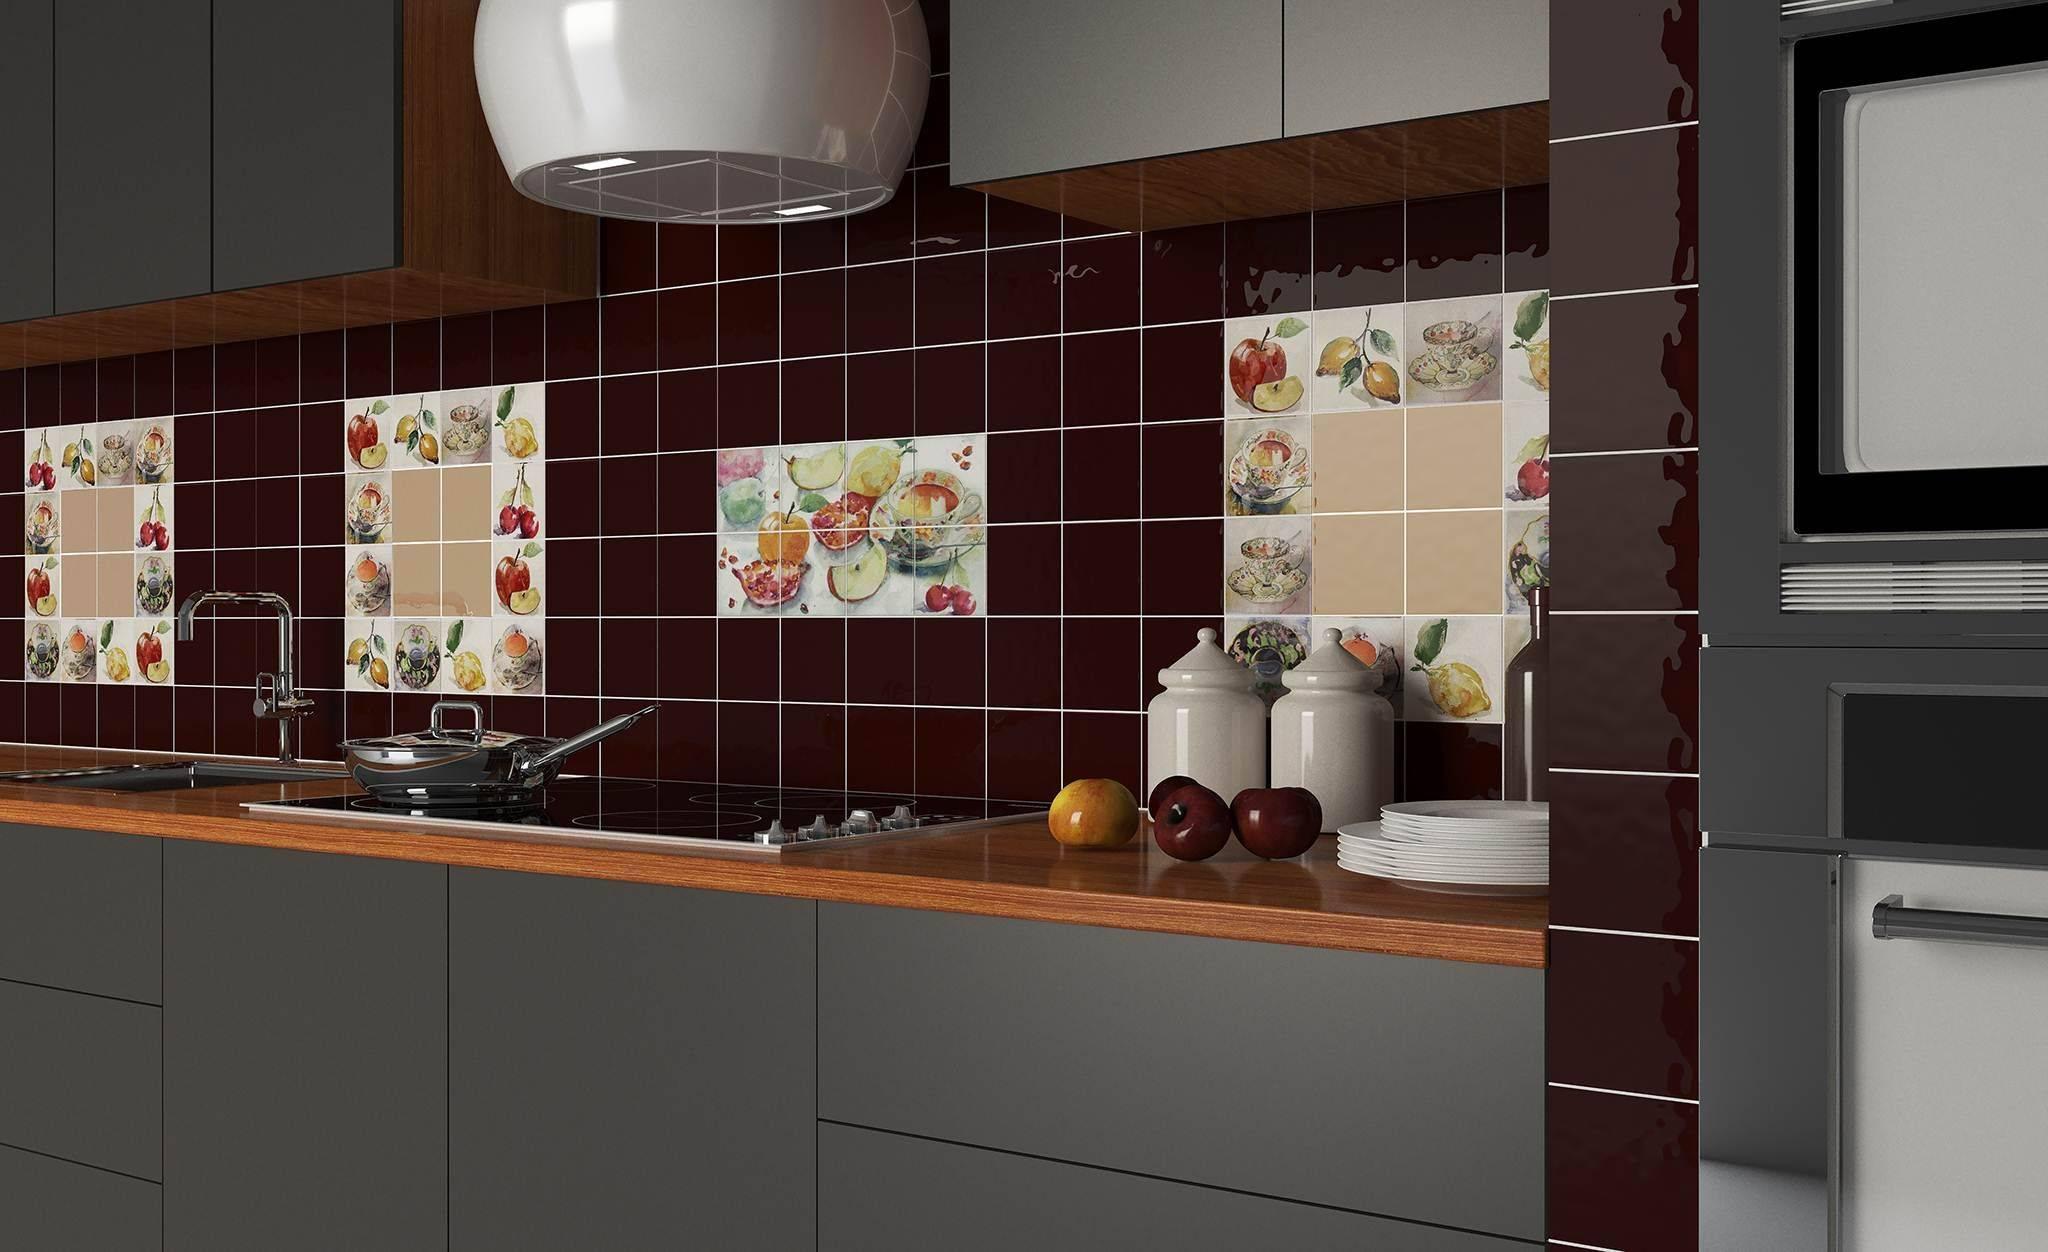 Плитка для кухни (86 фото): настенная кухонная плитка и отделка рабочей стены